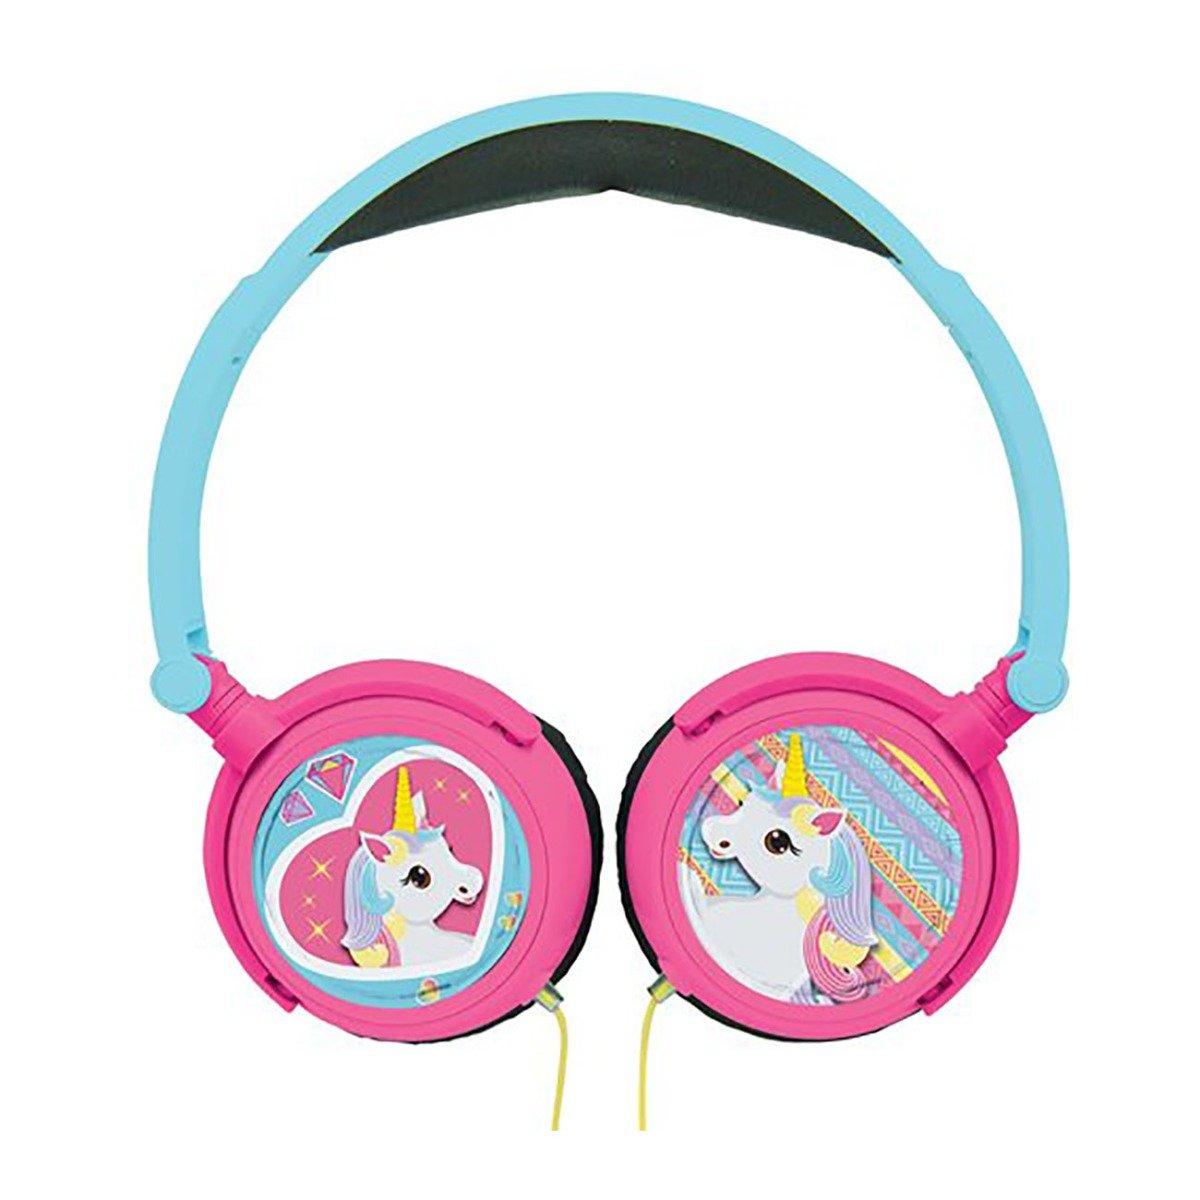 Casti audio cu fir pliabile Lexibook, Unicorni